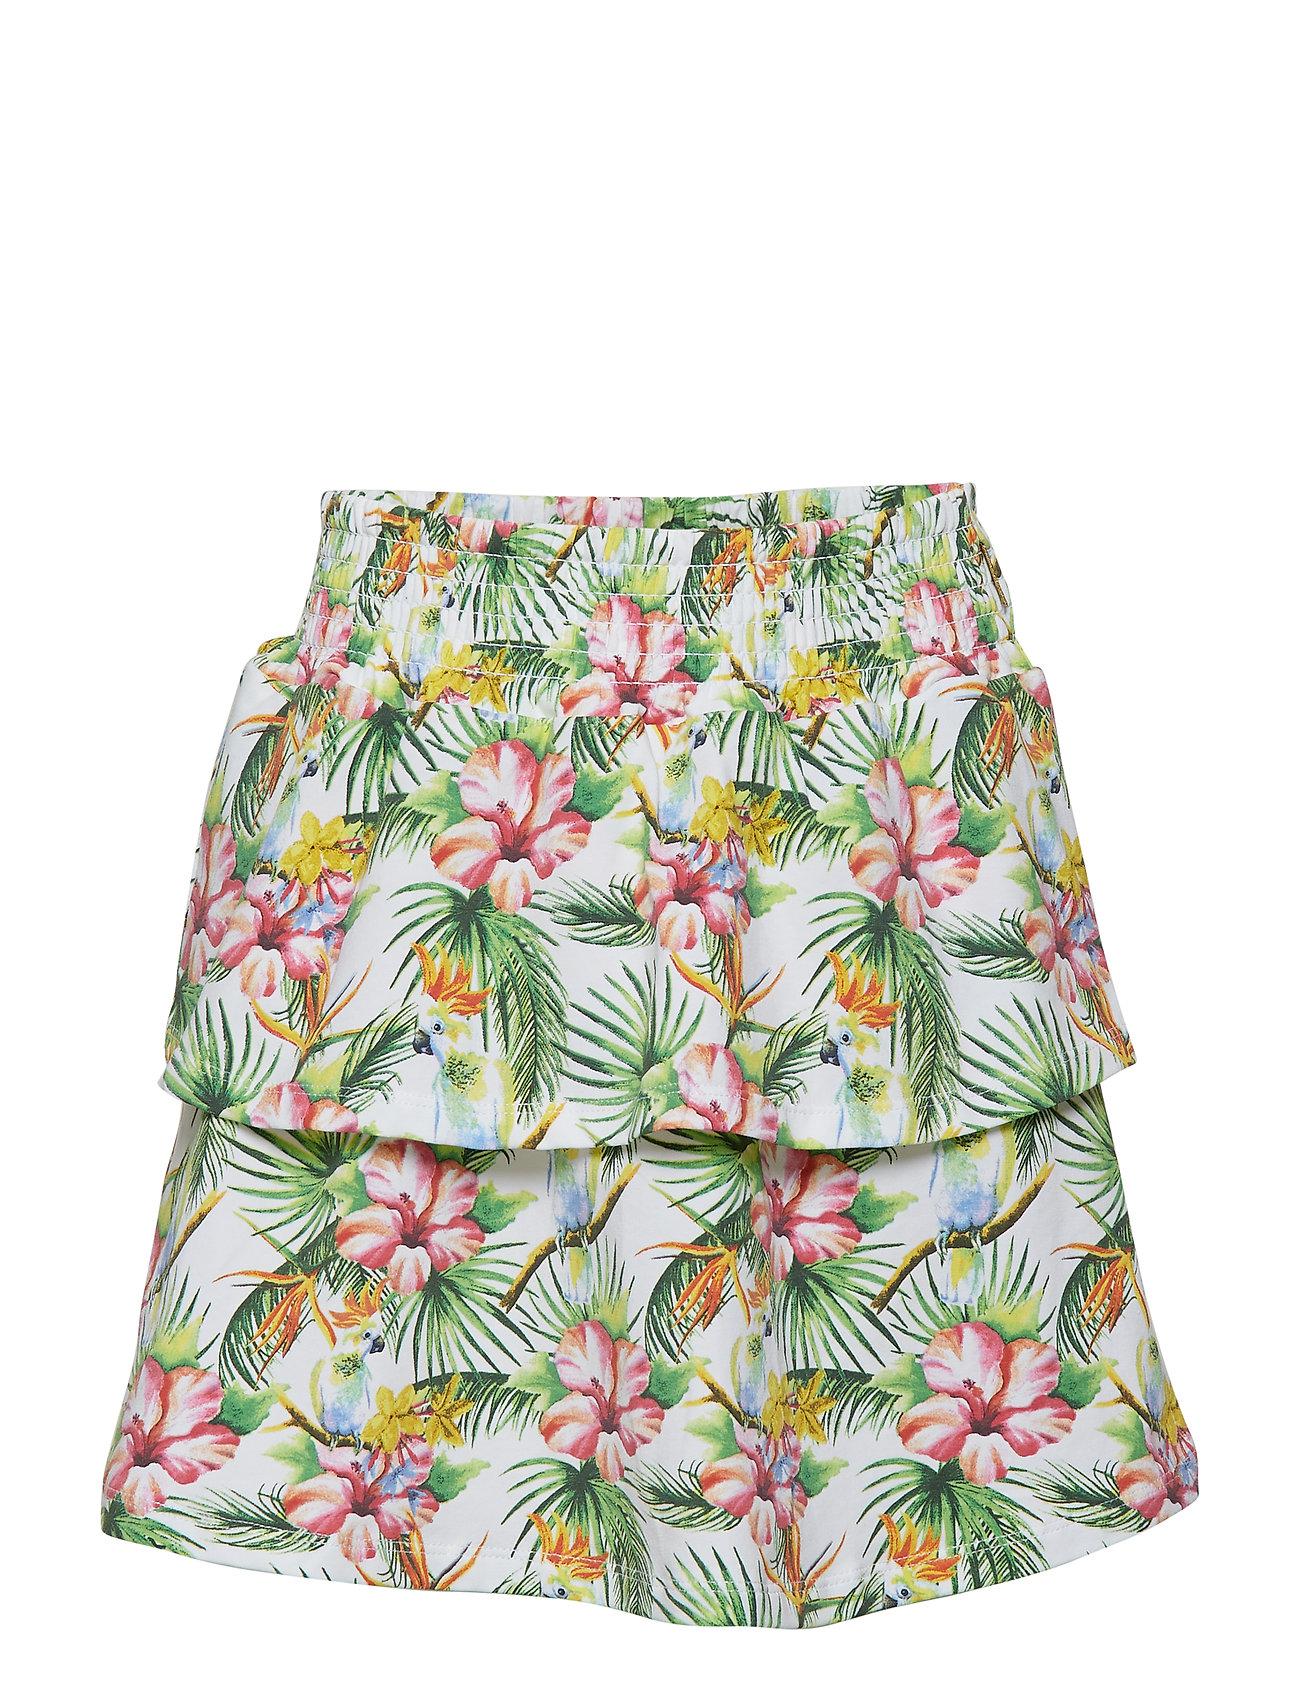 Hust & Claire Naia - Skirt - WHITE